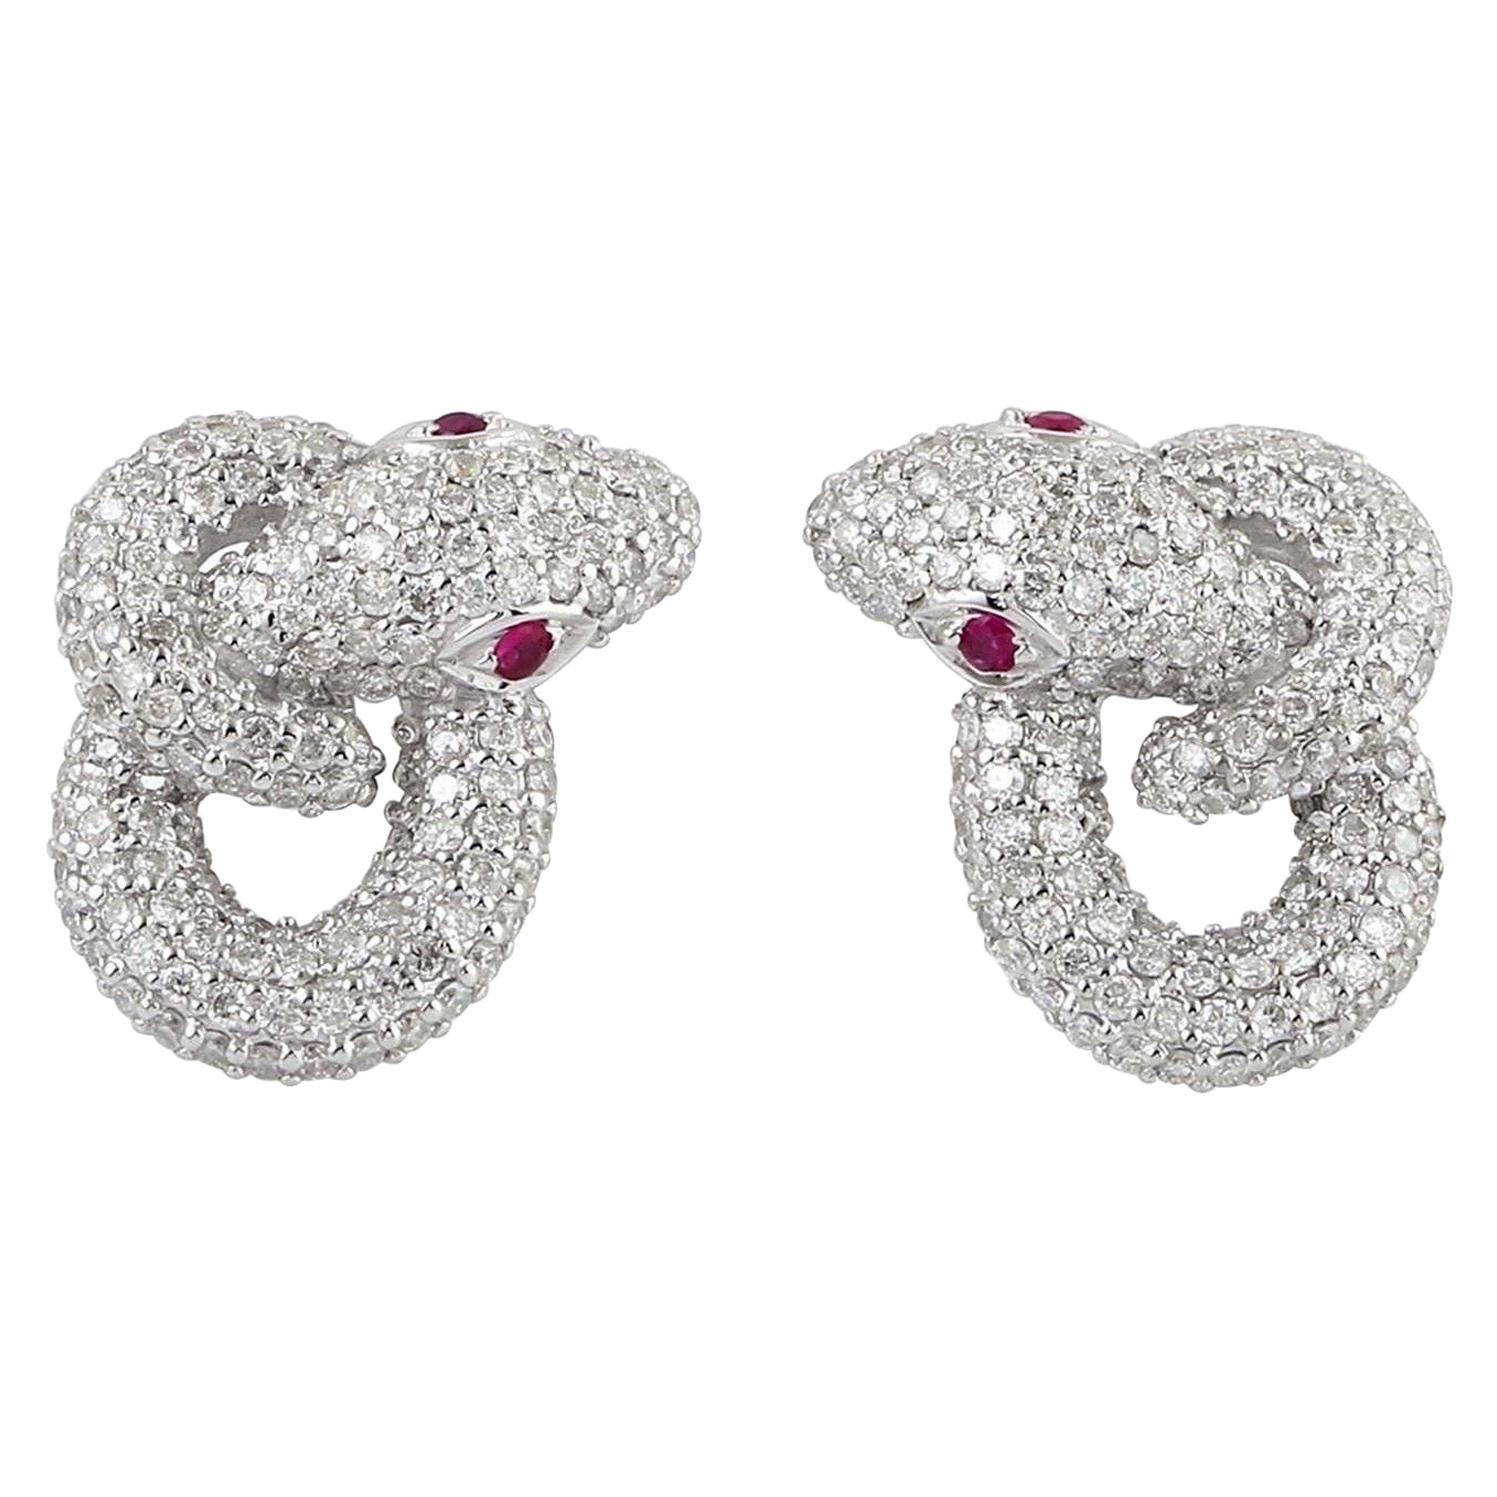 Intertwined Snake 18 Karat Gold Ruby Diamond Stud Earrings